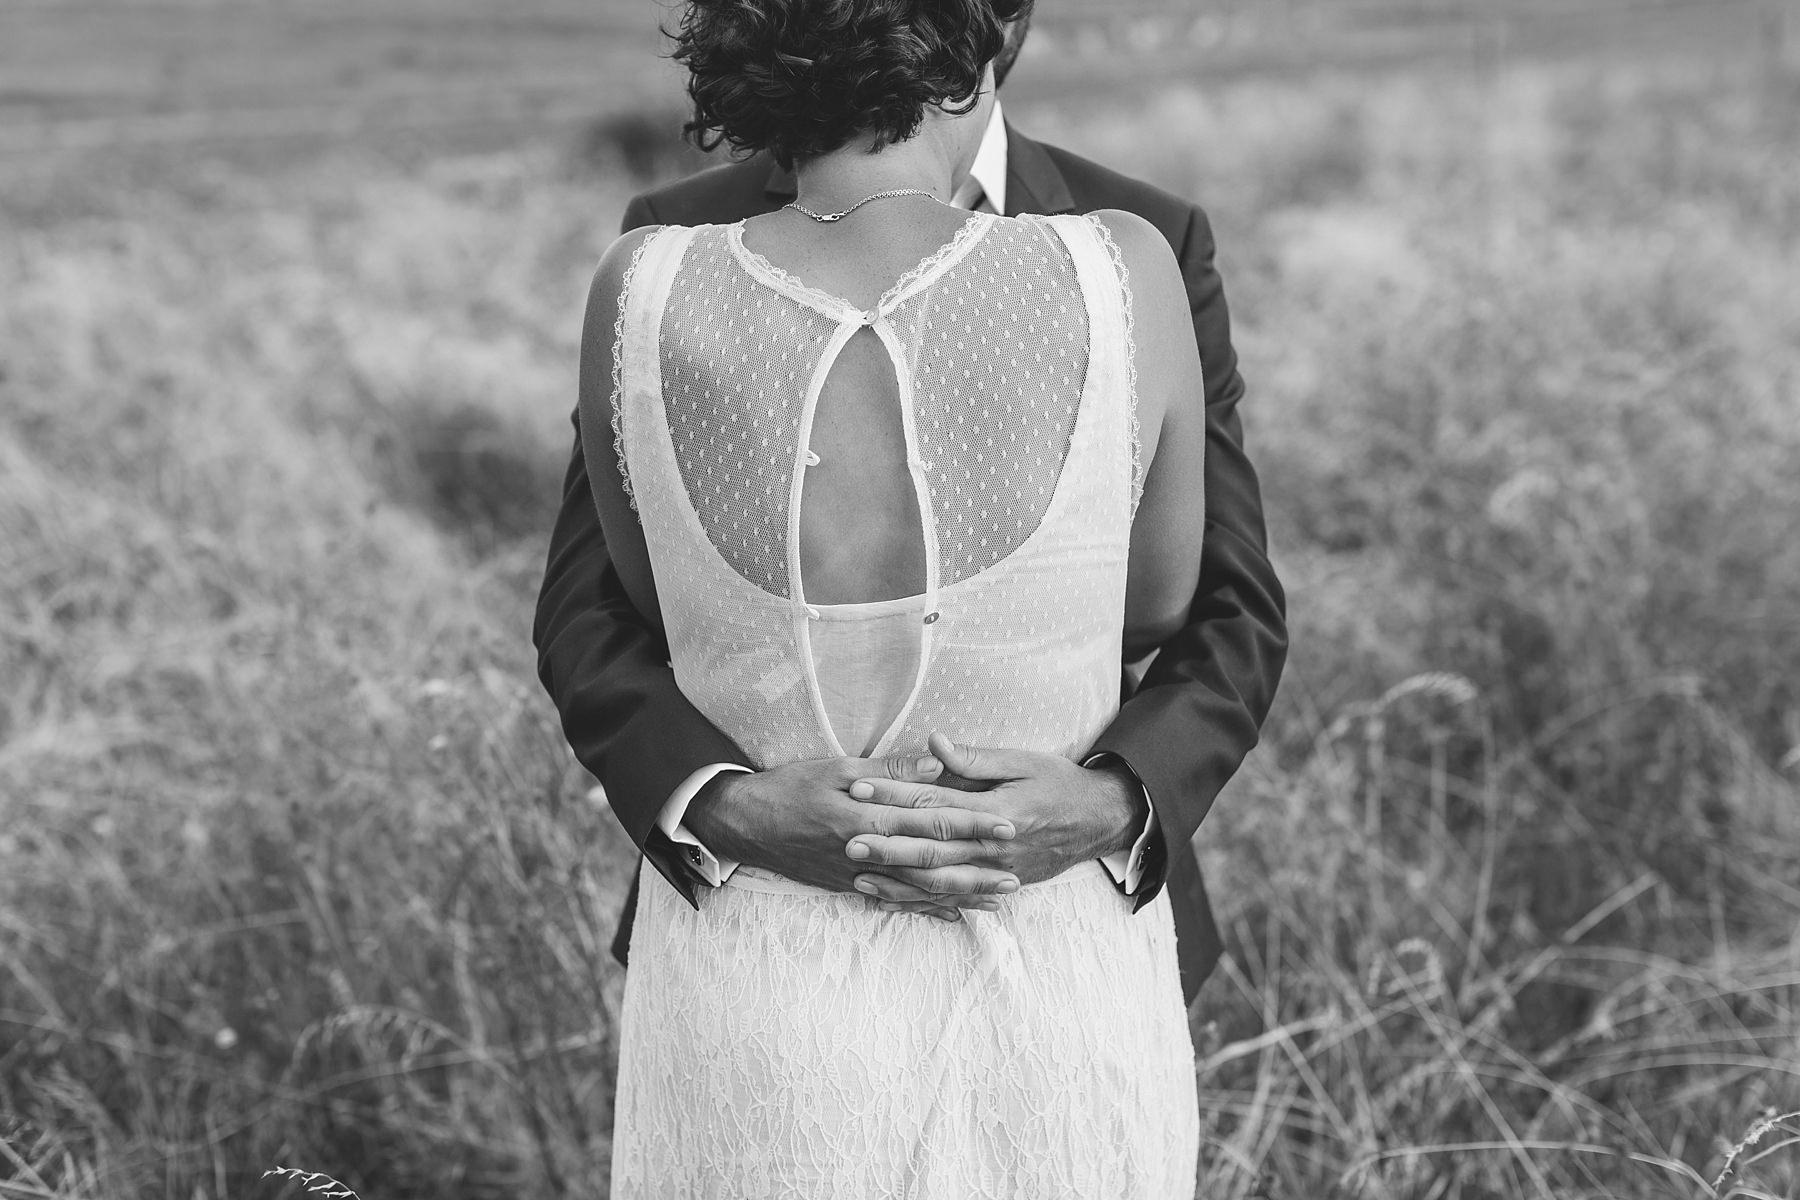 loving embrace by groom pops open her dress